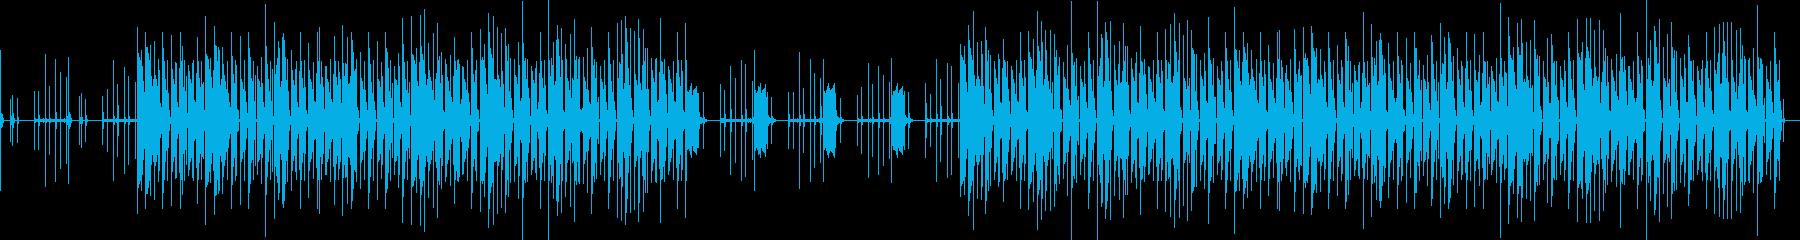 おしゃれ・シンプル・EDM・空気感3の再生済みの波形